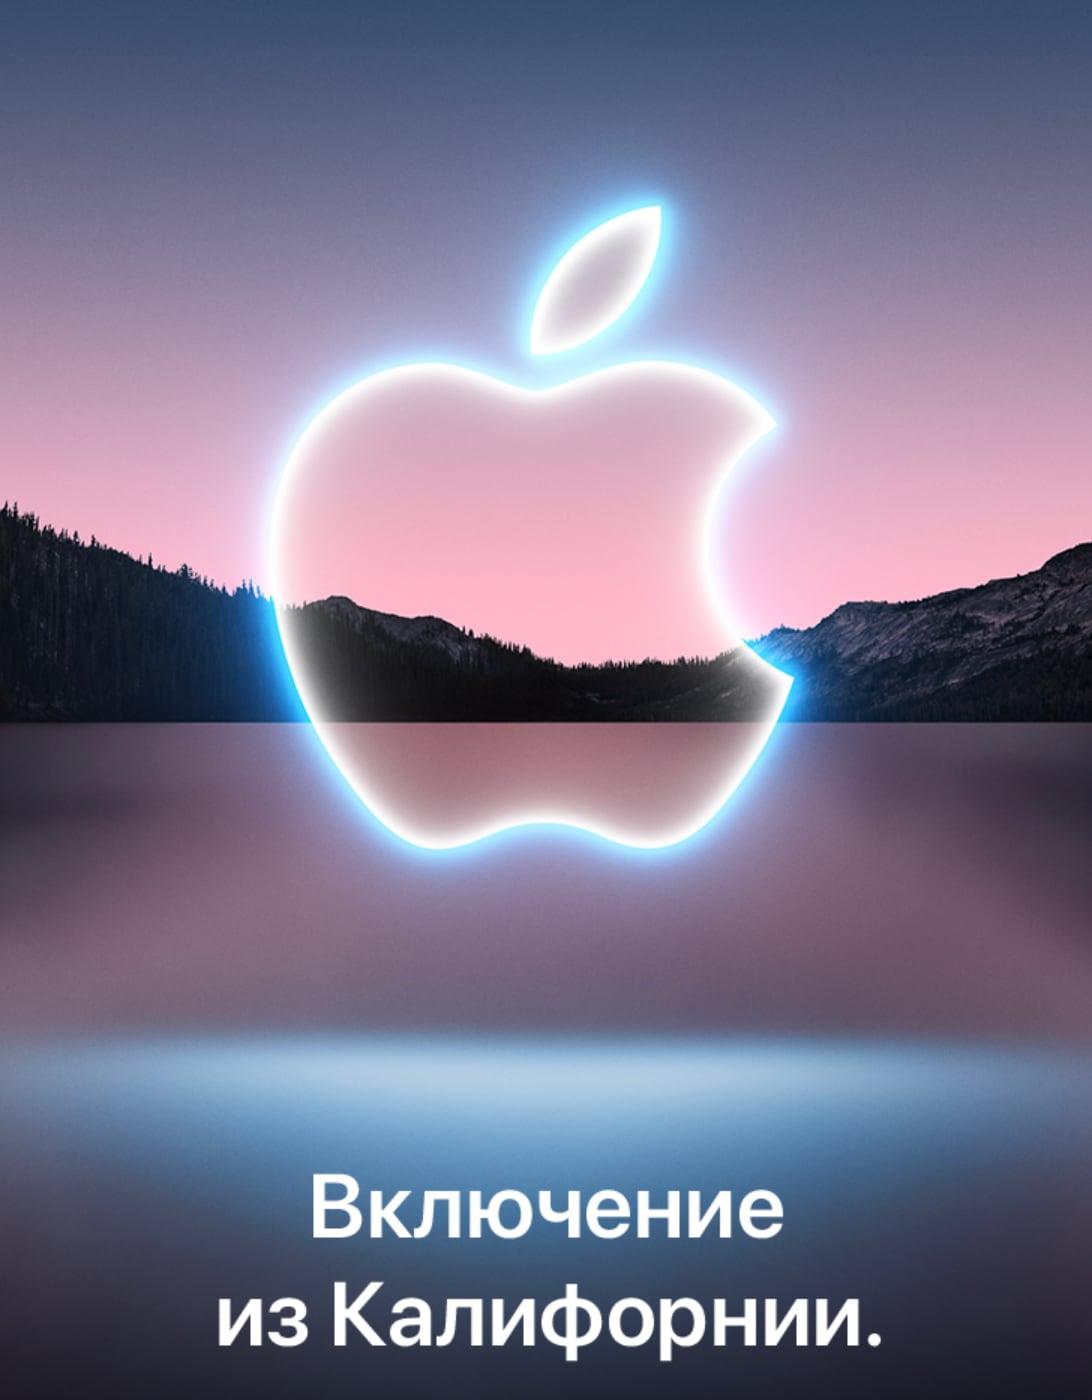 Apple приглашает на презентацию iPhone 13. Она состоится 14 сентября